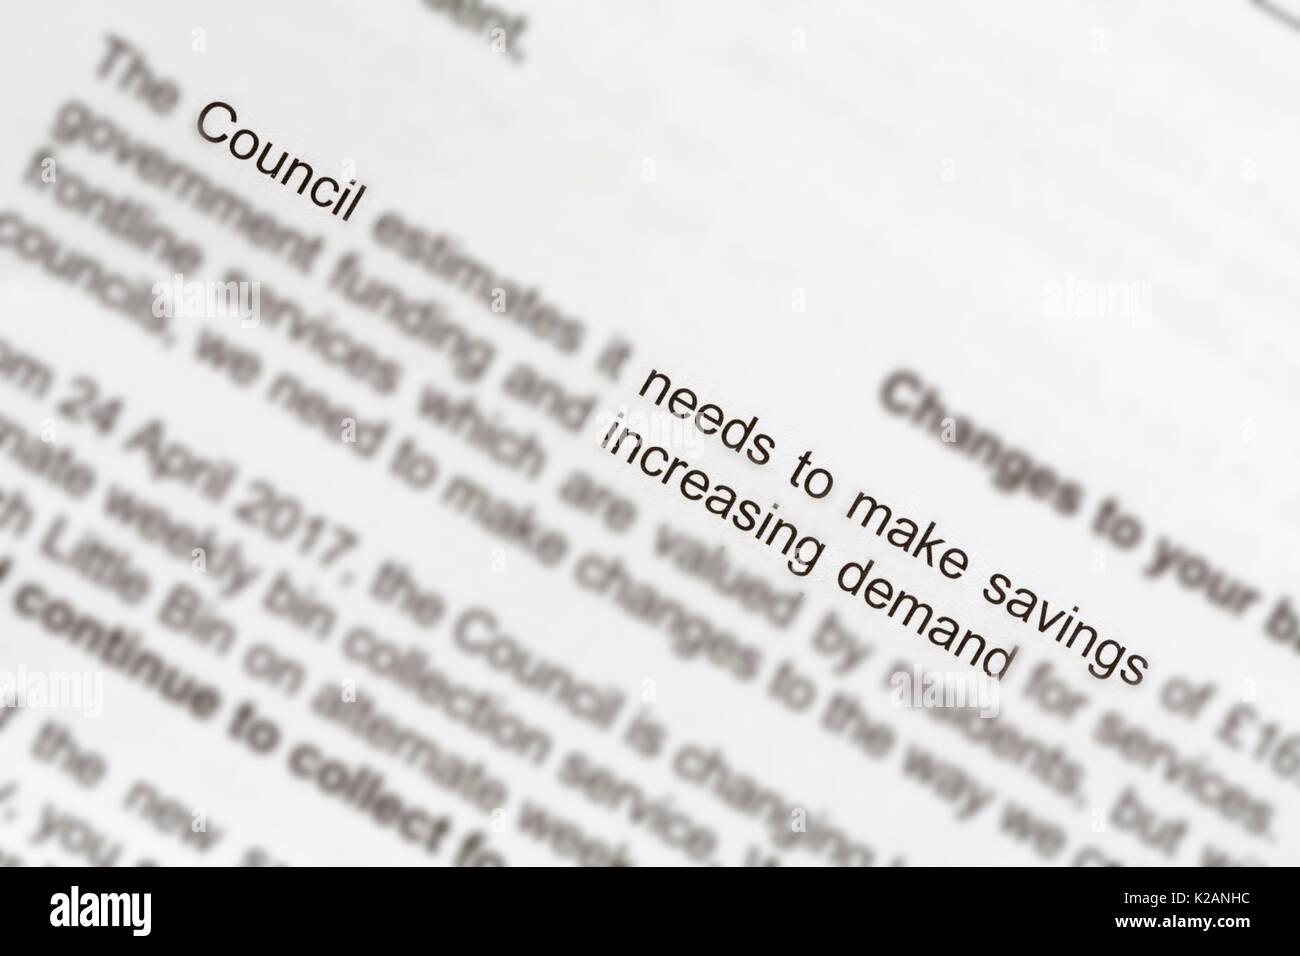 Carta del Consejo informando de cambios en las colecciones de depósito para las colecciones de depósito quincenal debido a los recortes en la financiación gubernamental y el aumento de la demanda Imagen De Stock